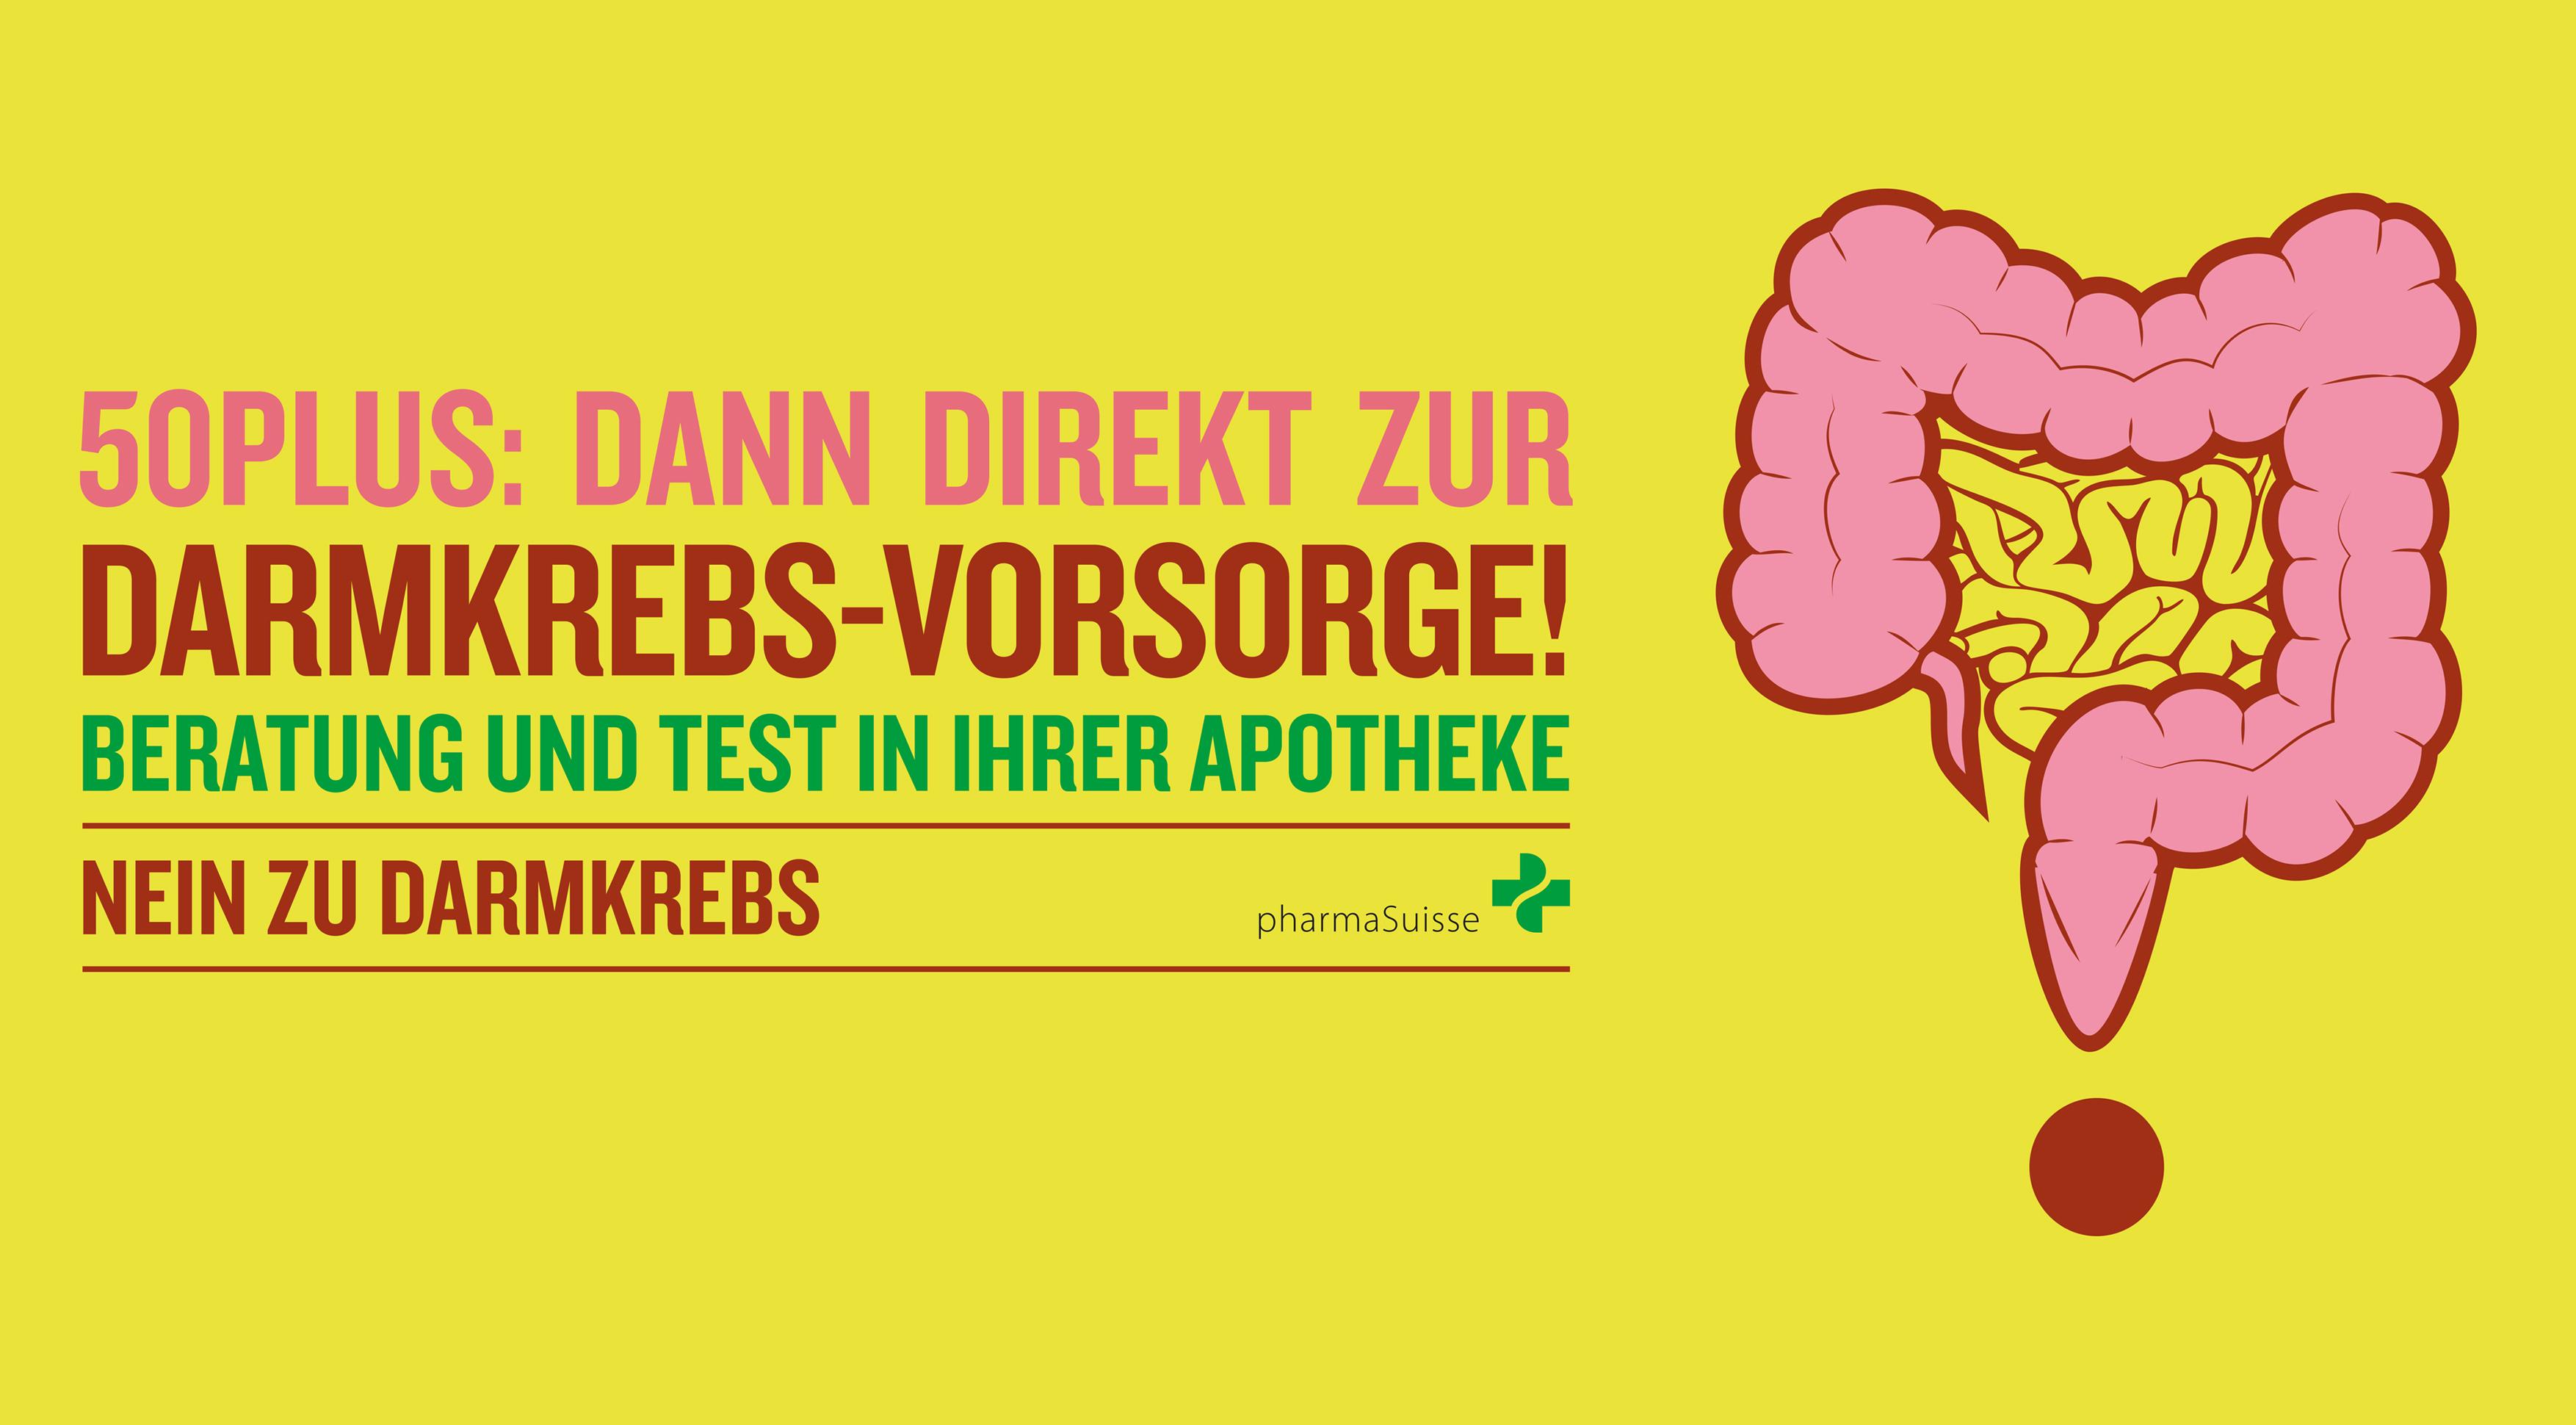 In der Schweiz erkranken pro Jahr rund 4100 Menschen an Darmkrebs, grossmehrheitlich Menschen ab dem 50. Lebensjahr